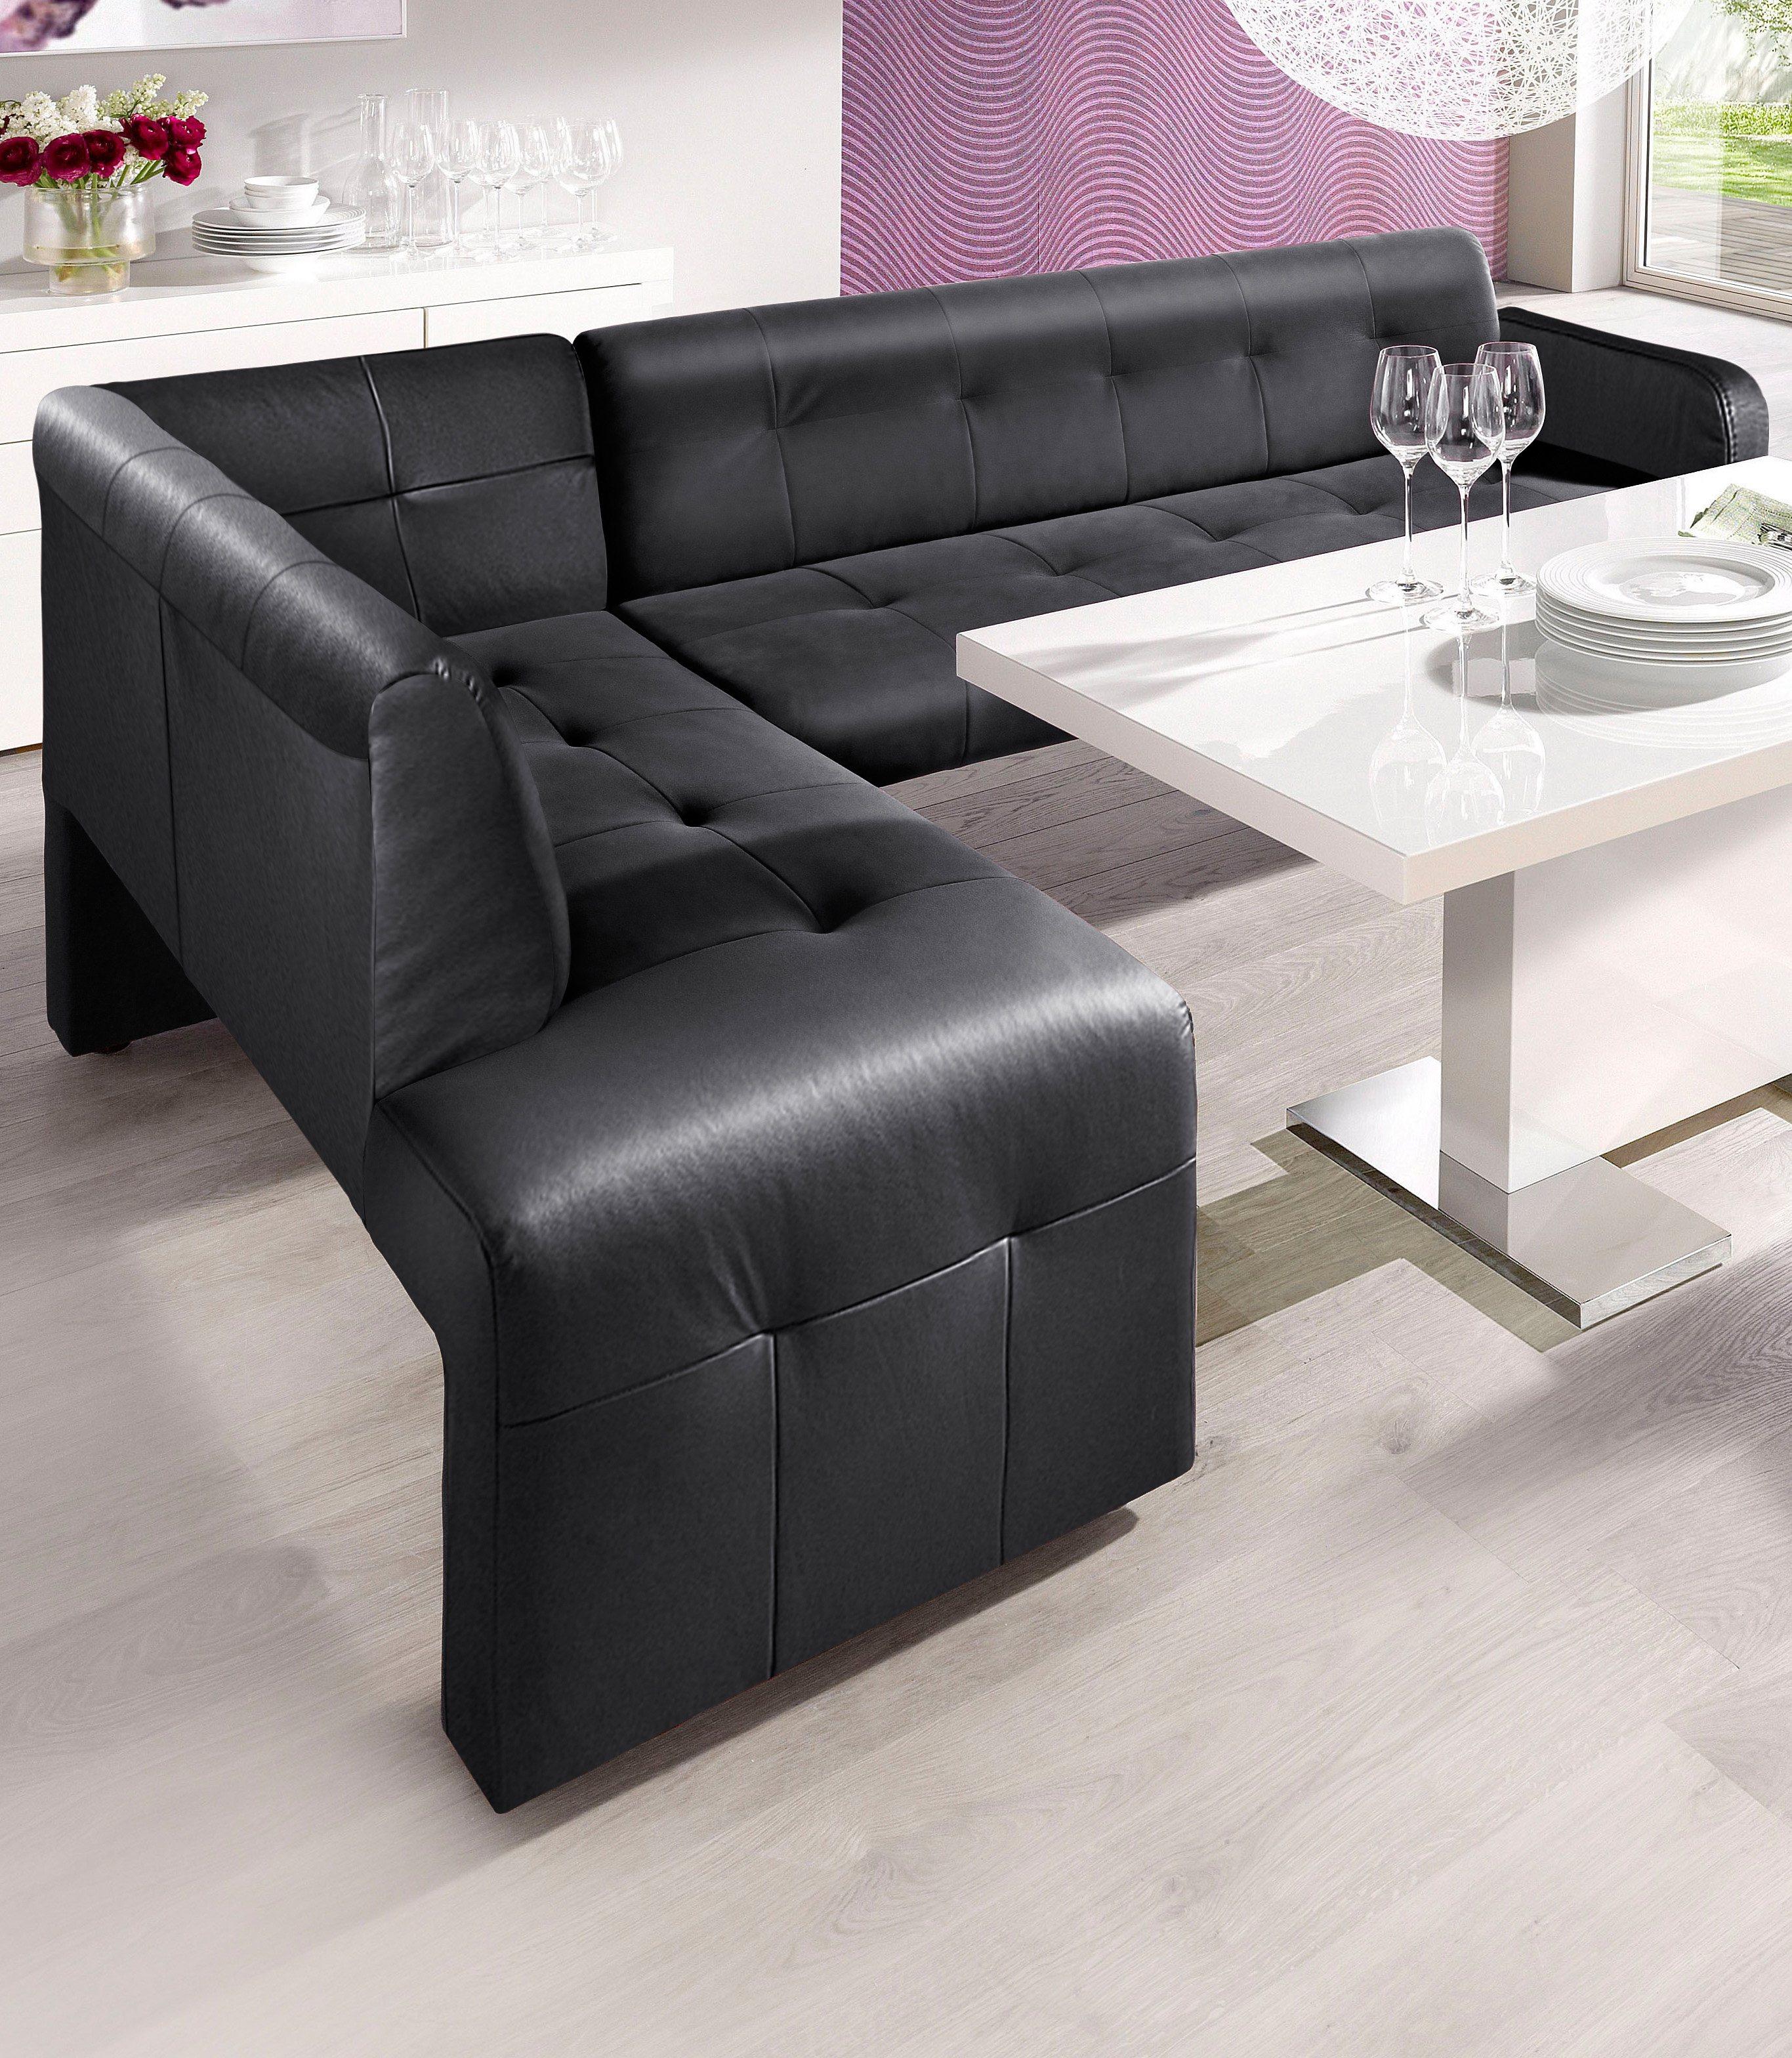 huelsta eckb nke online kaufen m bel suchmaschine. Black Bedroom Furniture Sets. Home Design Ideas